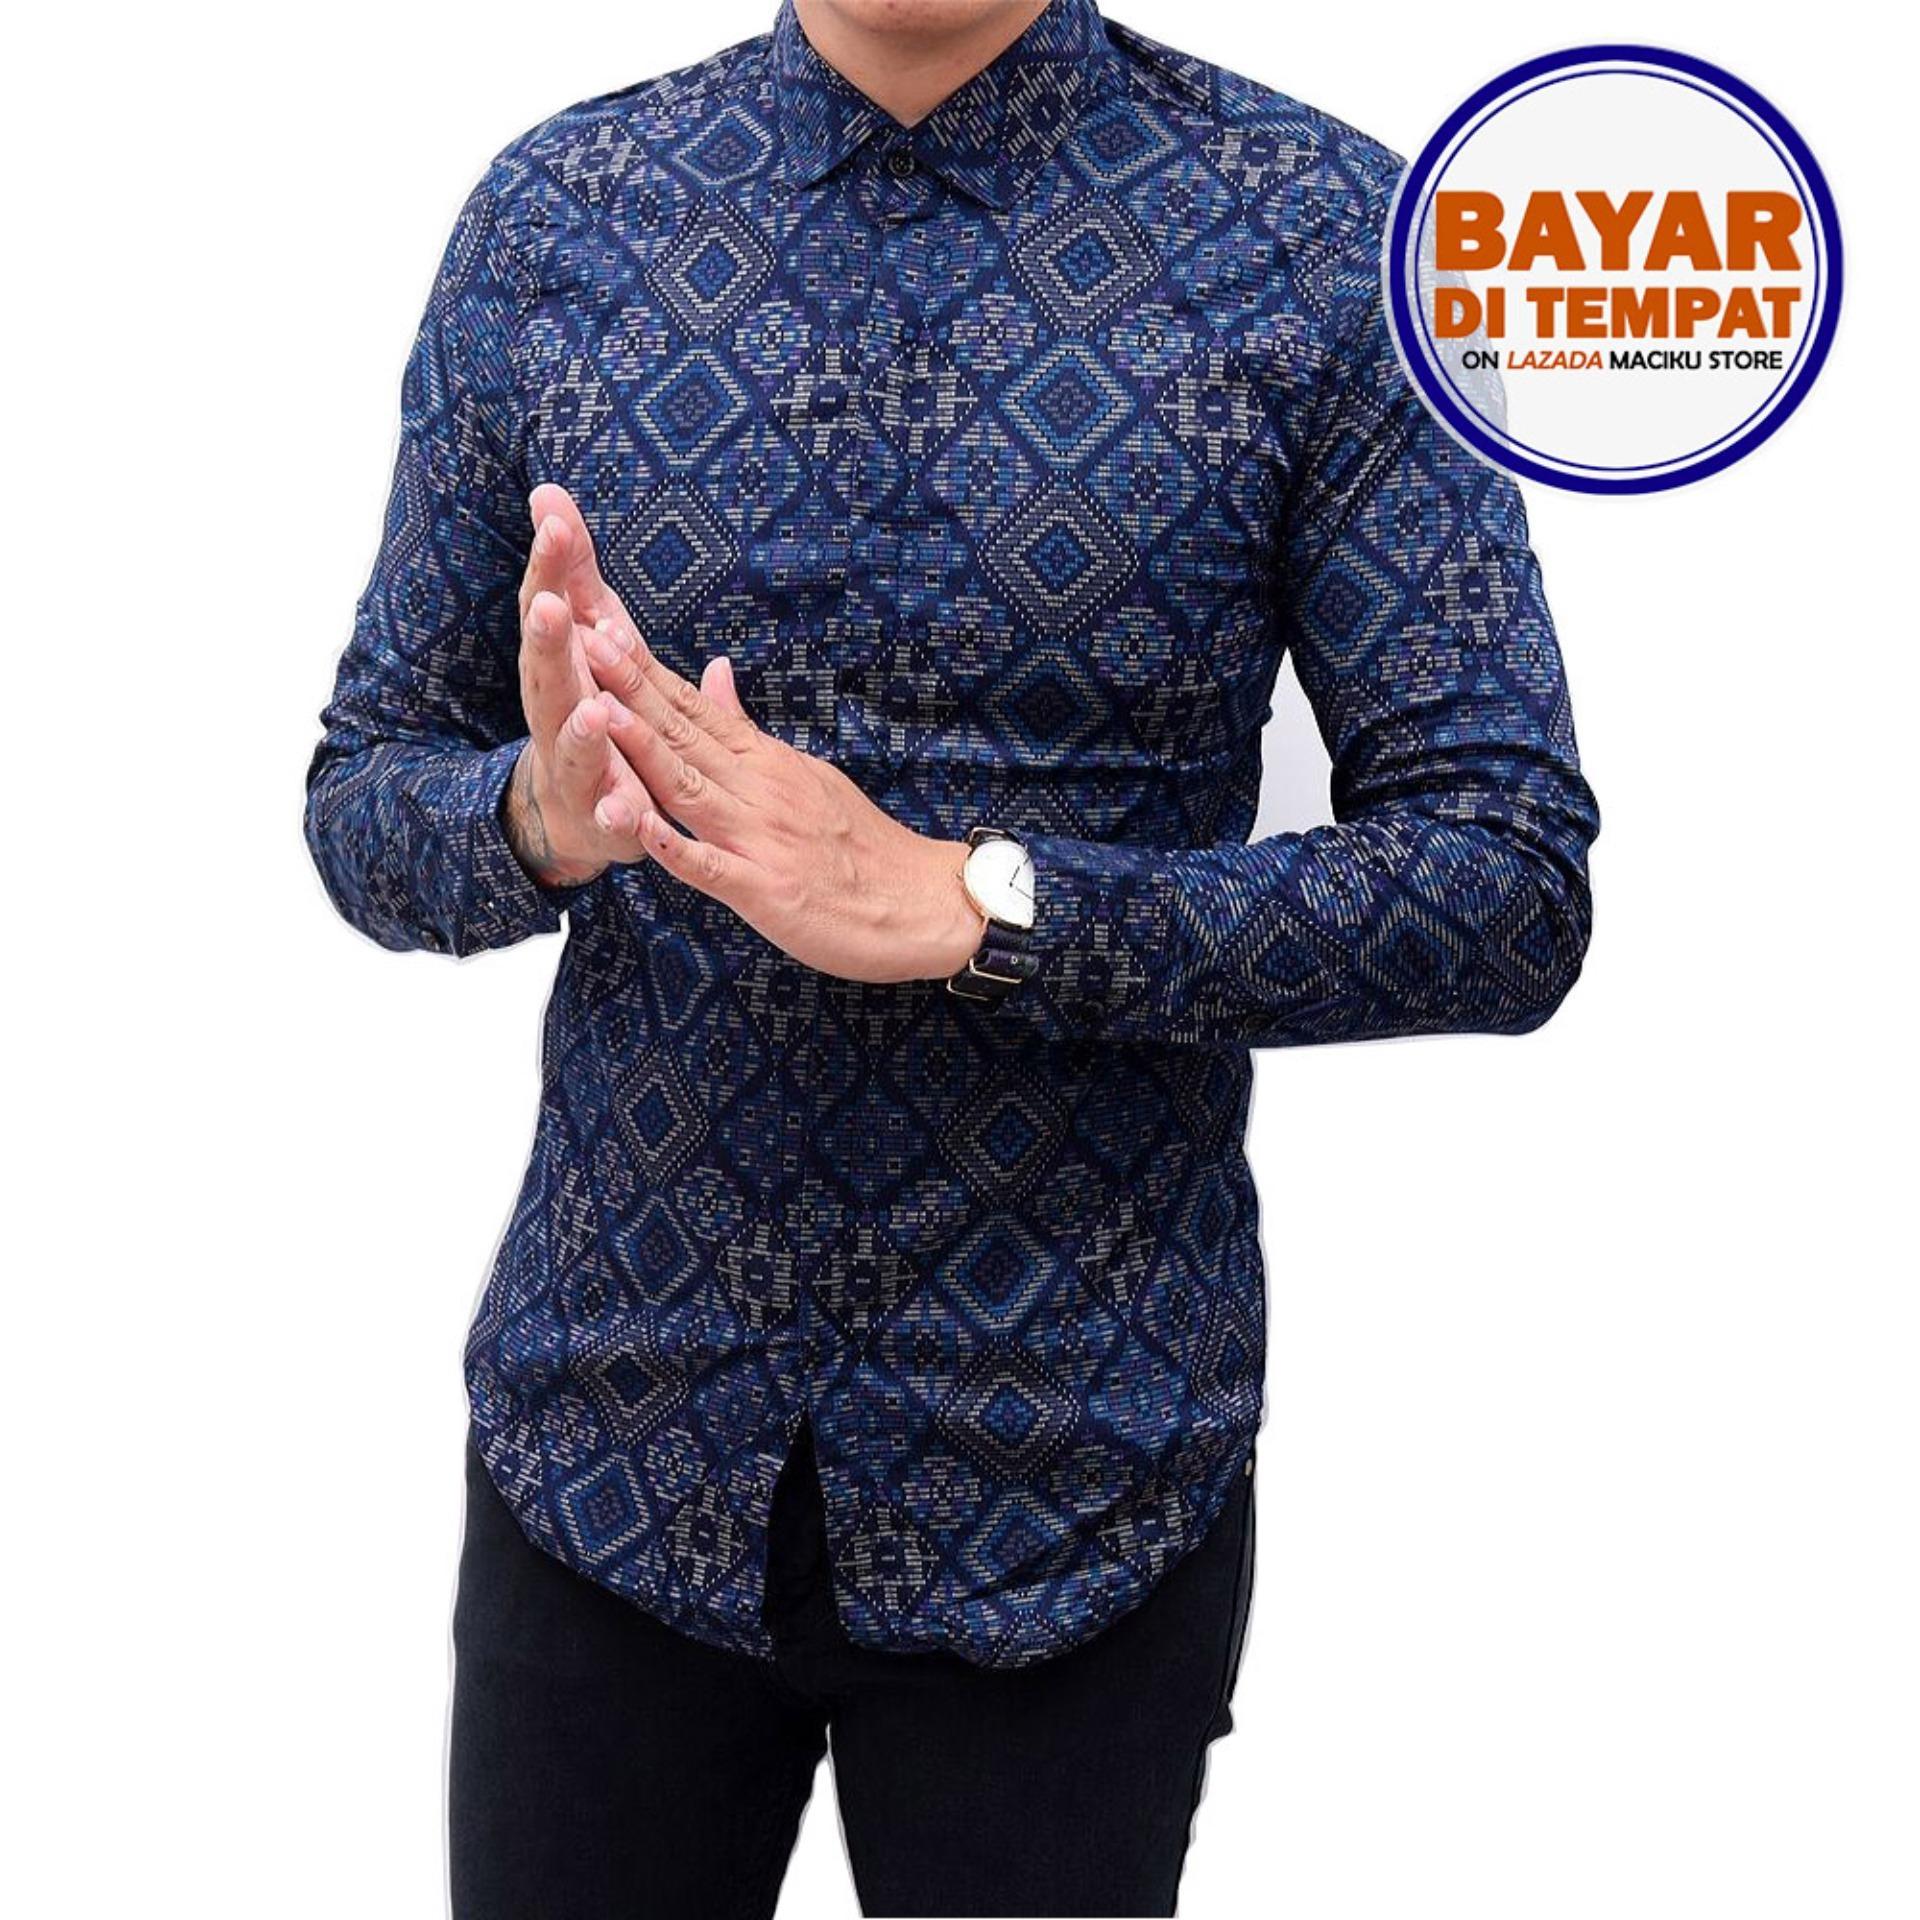 Beli Kemeja Batik Songket Pria Panjang Kerja Kantor Slimfit Baju Batik Navy Cicil